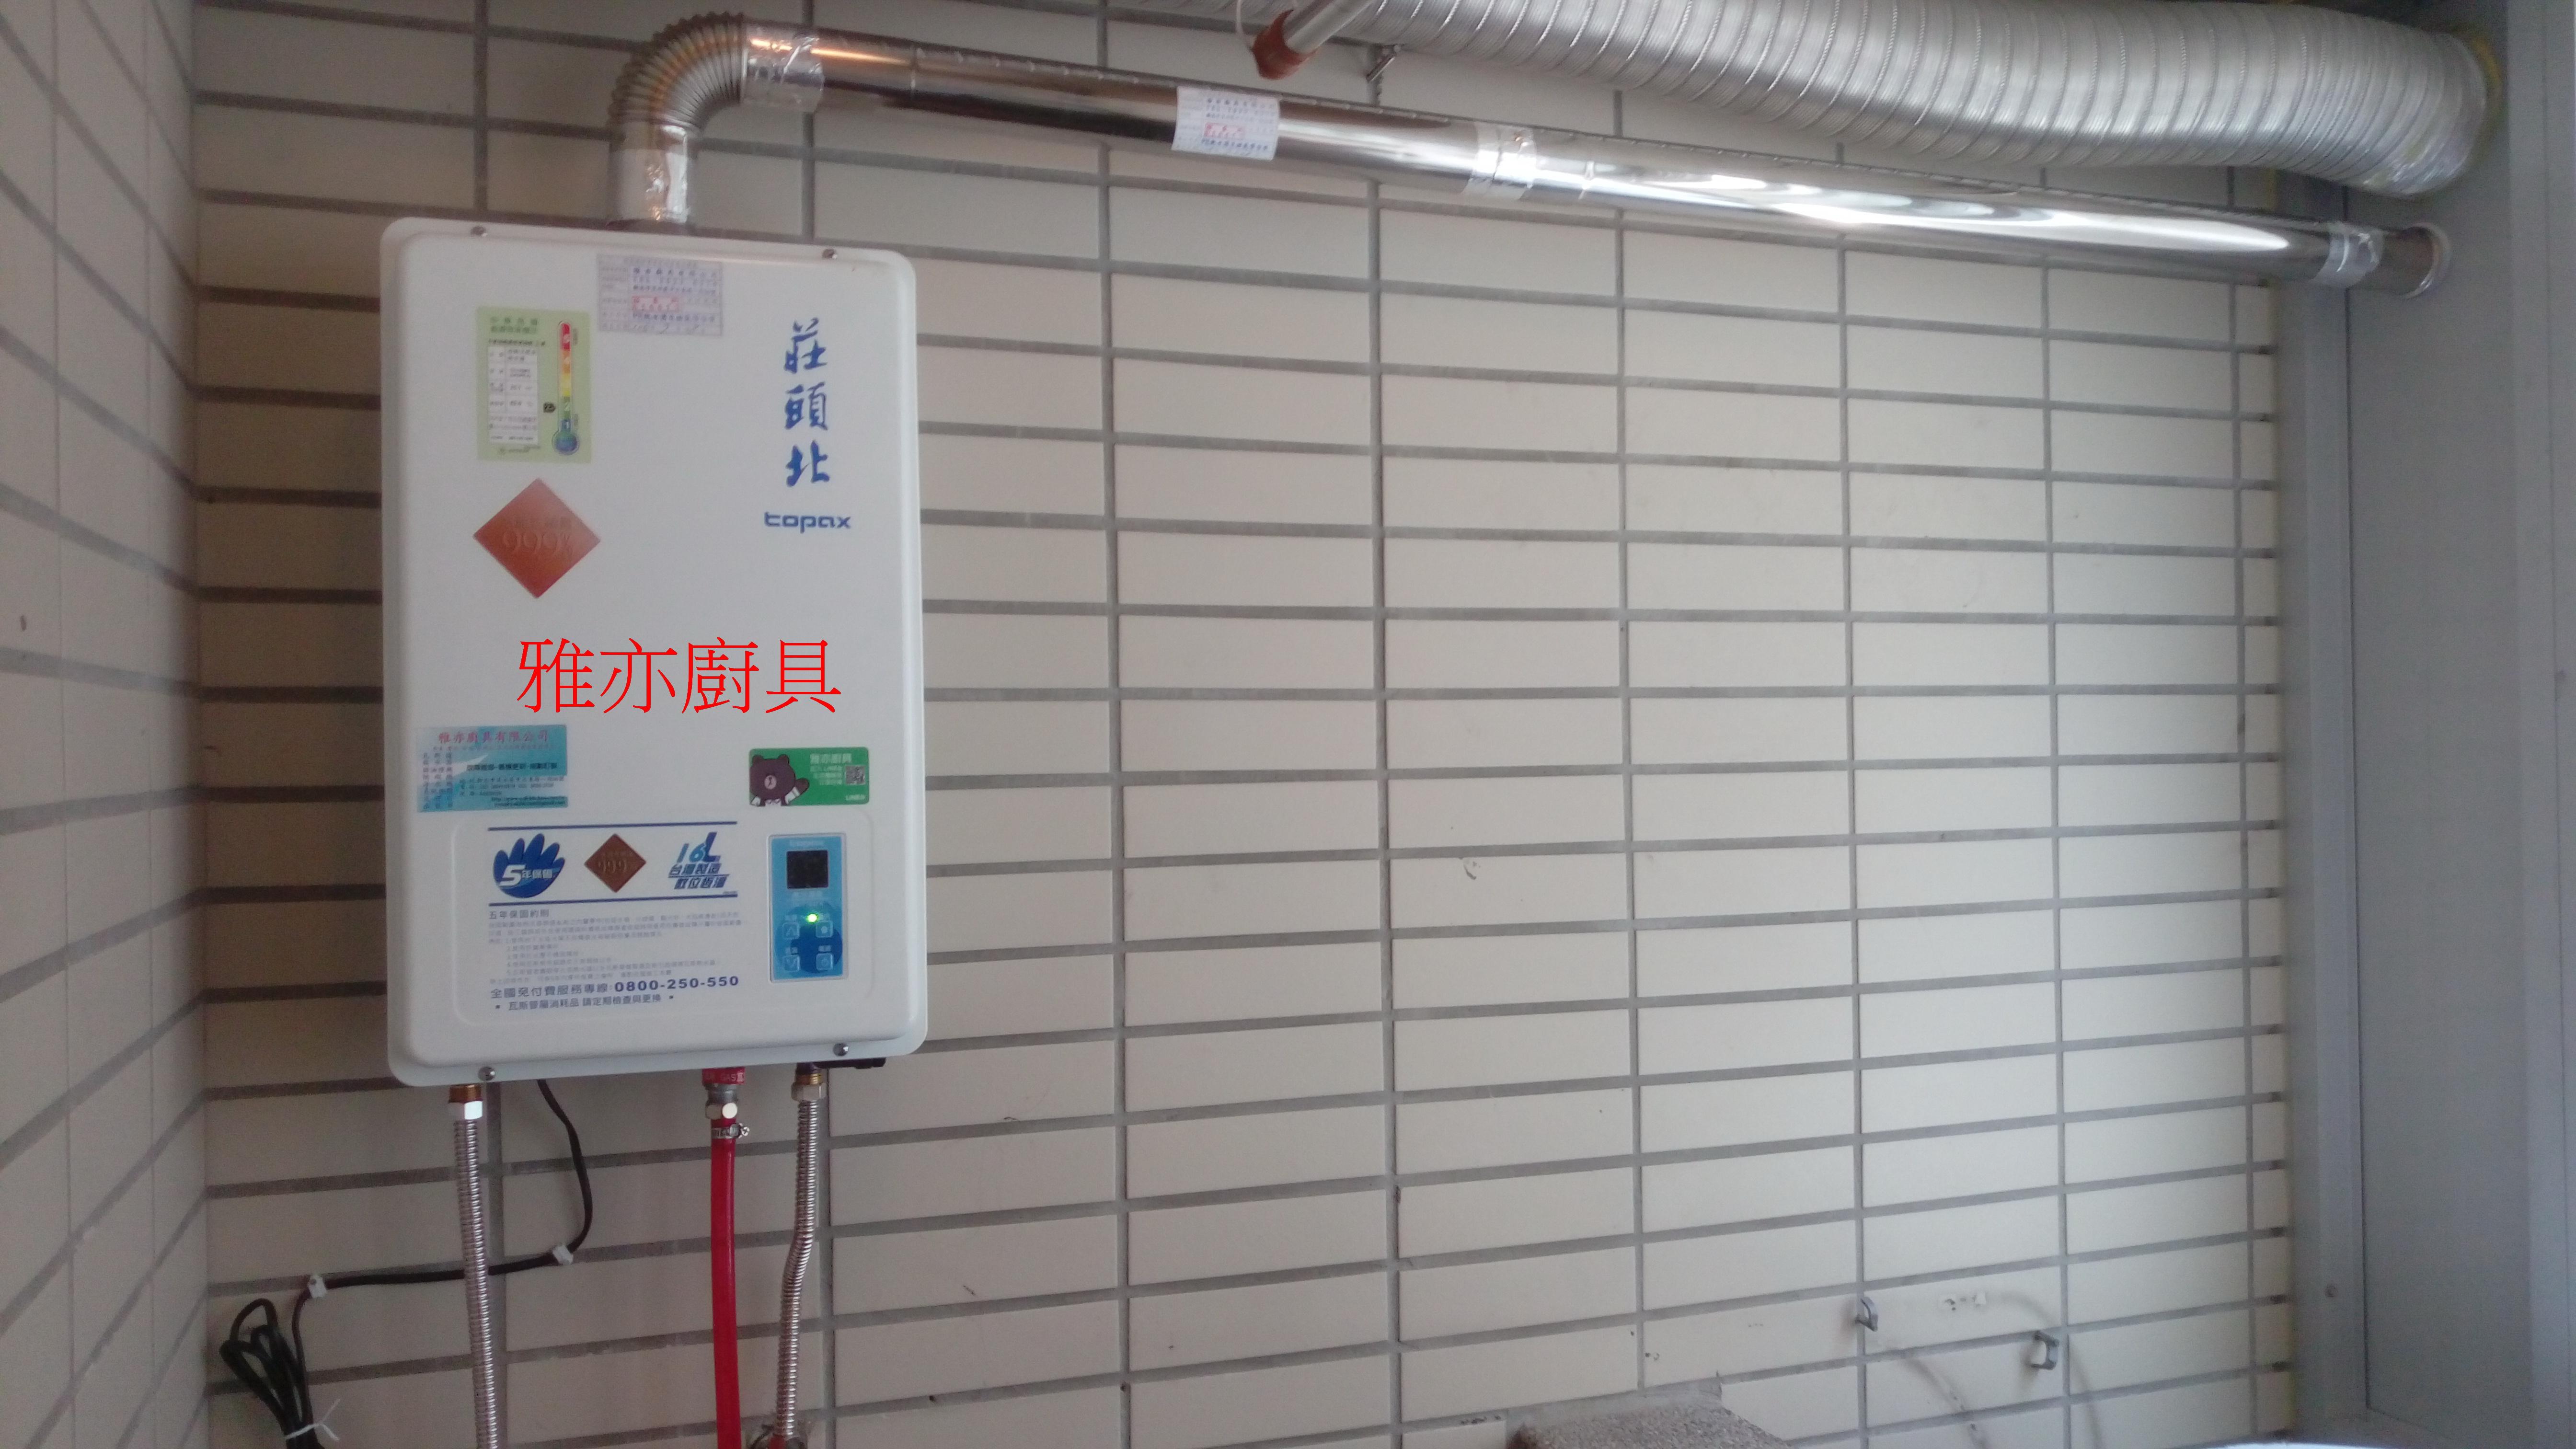 莊頭北熱水器TH7166FE 16L數位恆溫熱水器.jpg